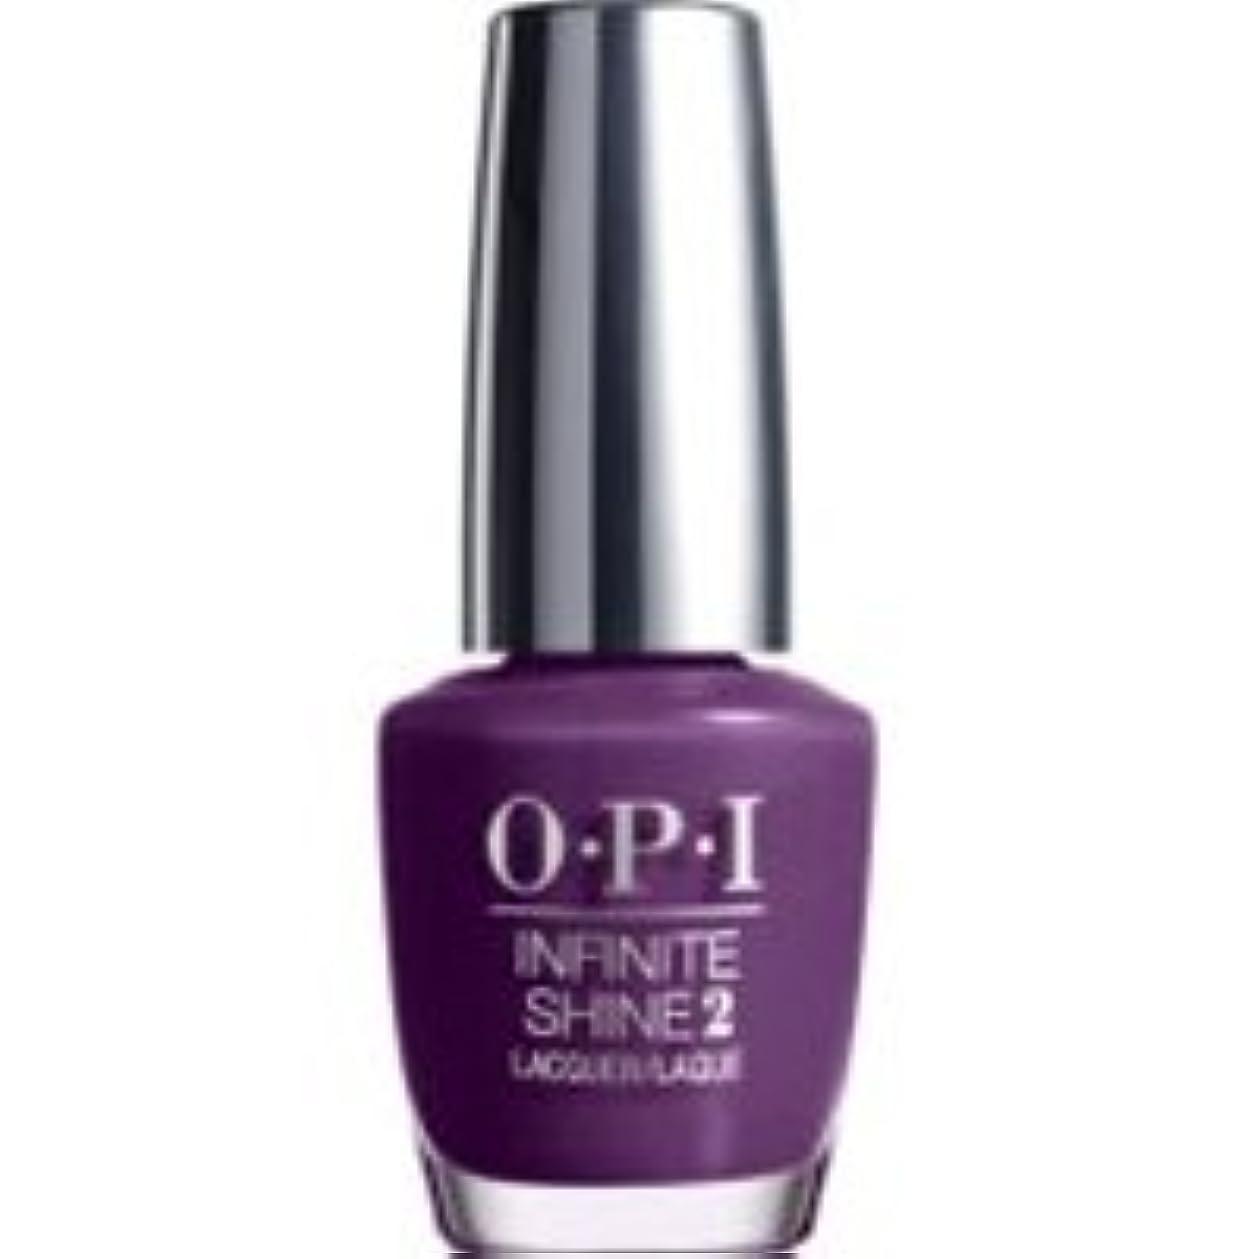 トリプル電気チョークO.P.I IS L52 Endless Purple Pursuit(エンドレスパープルパースート) #Endless Purple Pursuit